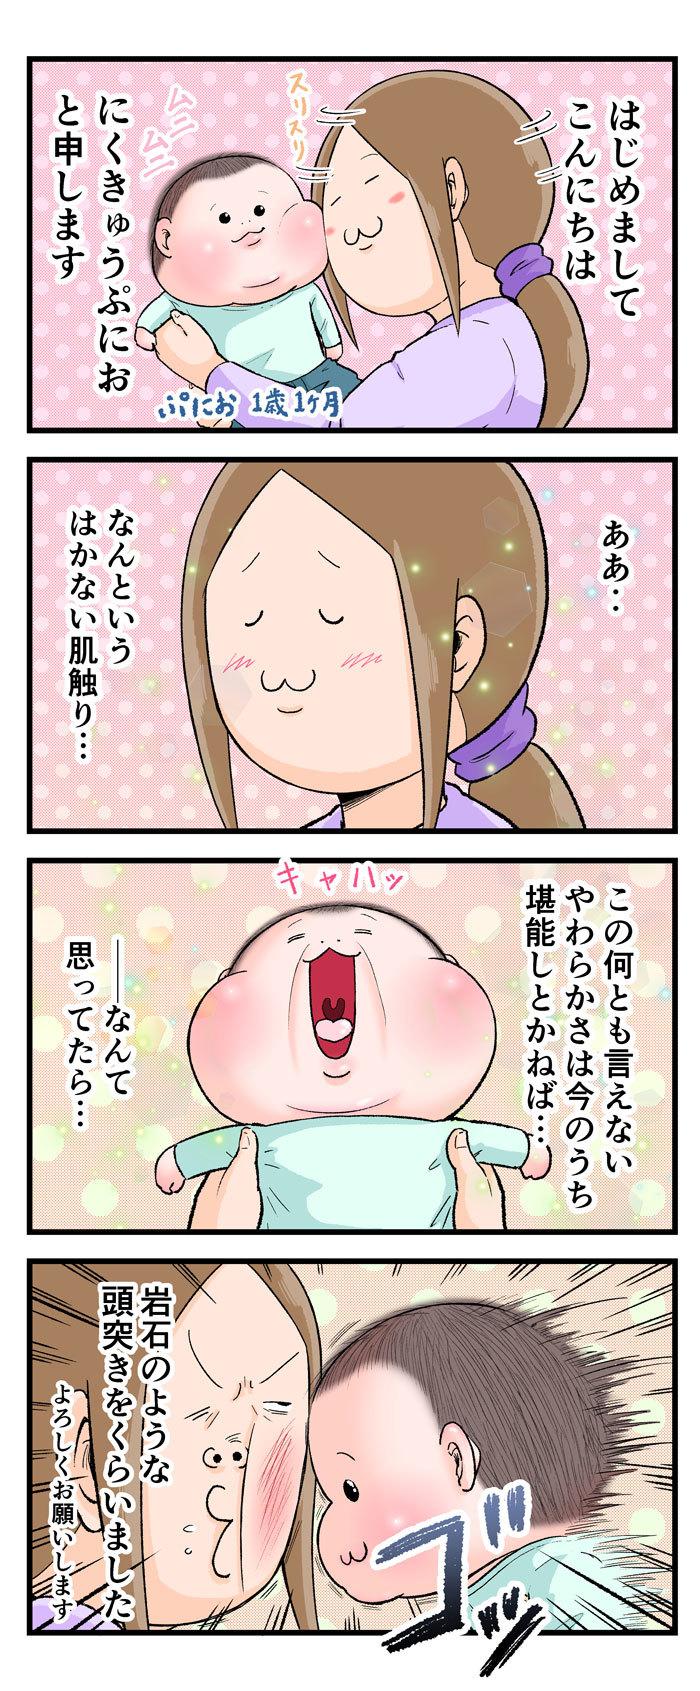 お風呂でスヤァ~…からの~?ラストは衝撃的な寝姿に(笑)の画像1